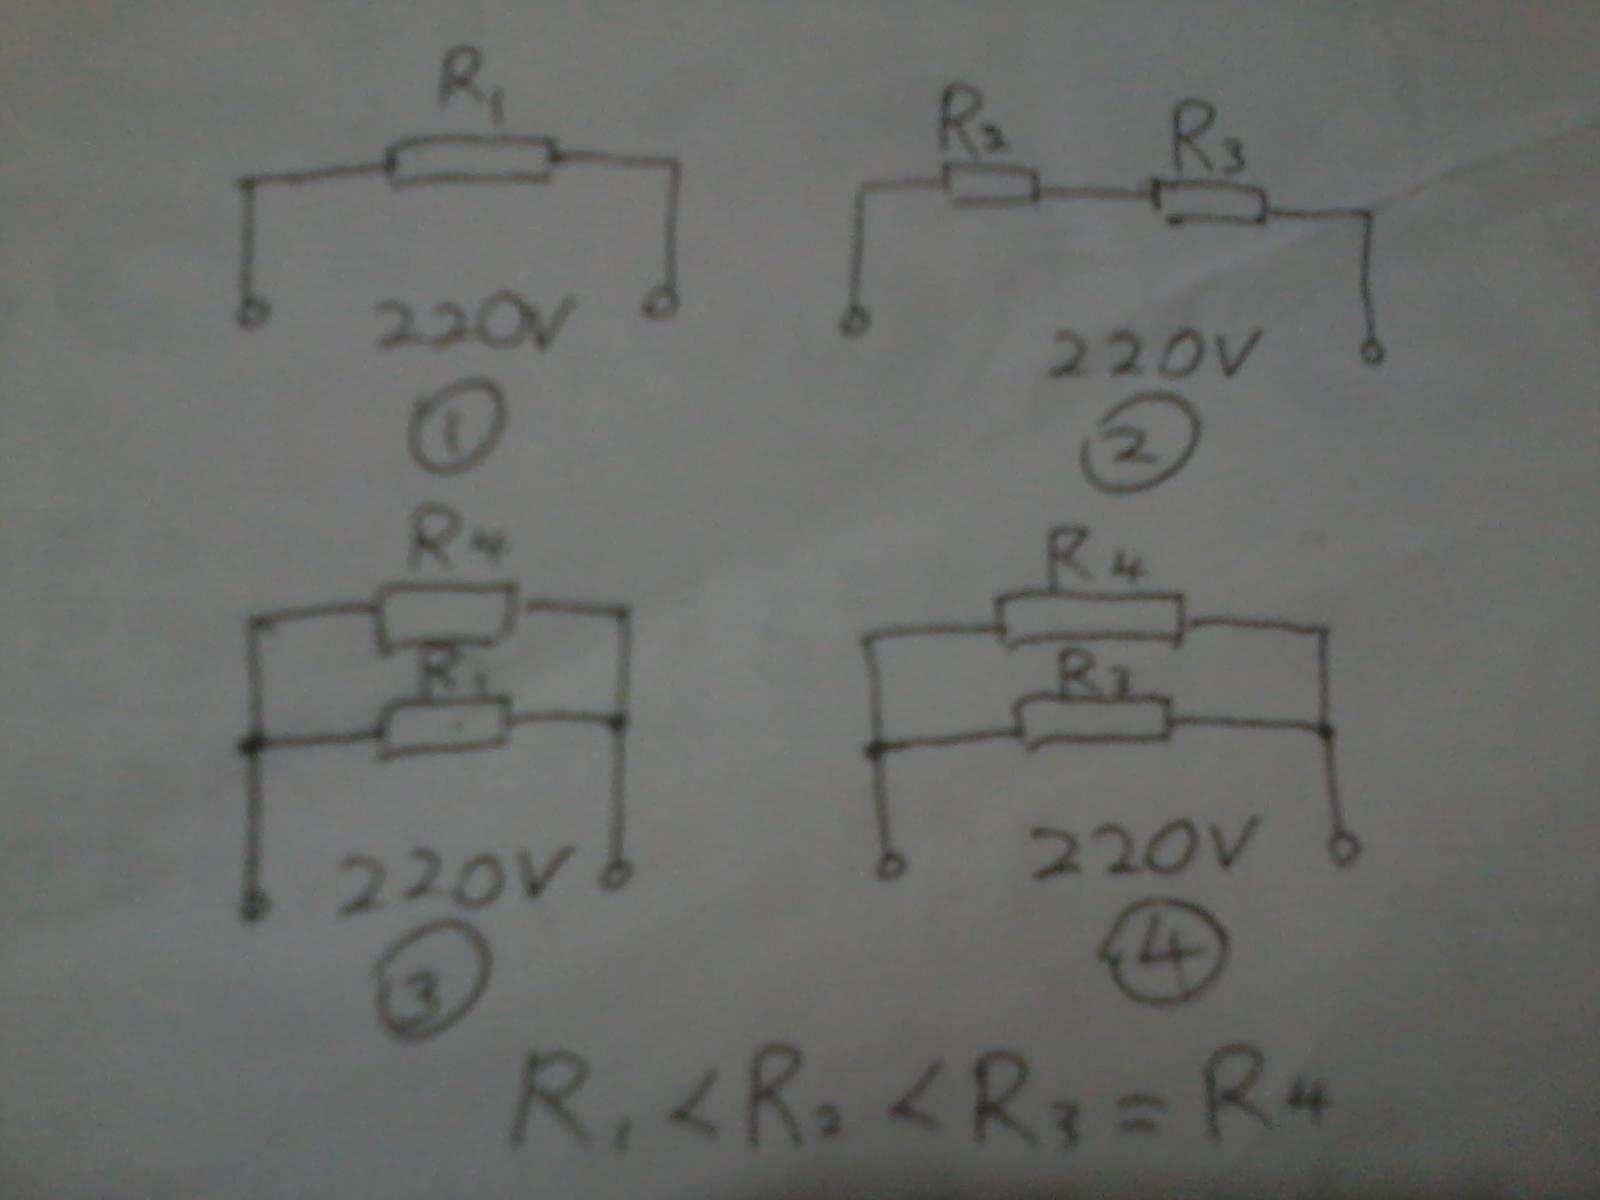 电功率问题_电和磁_物理_初三_简单学习答疑网